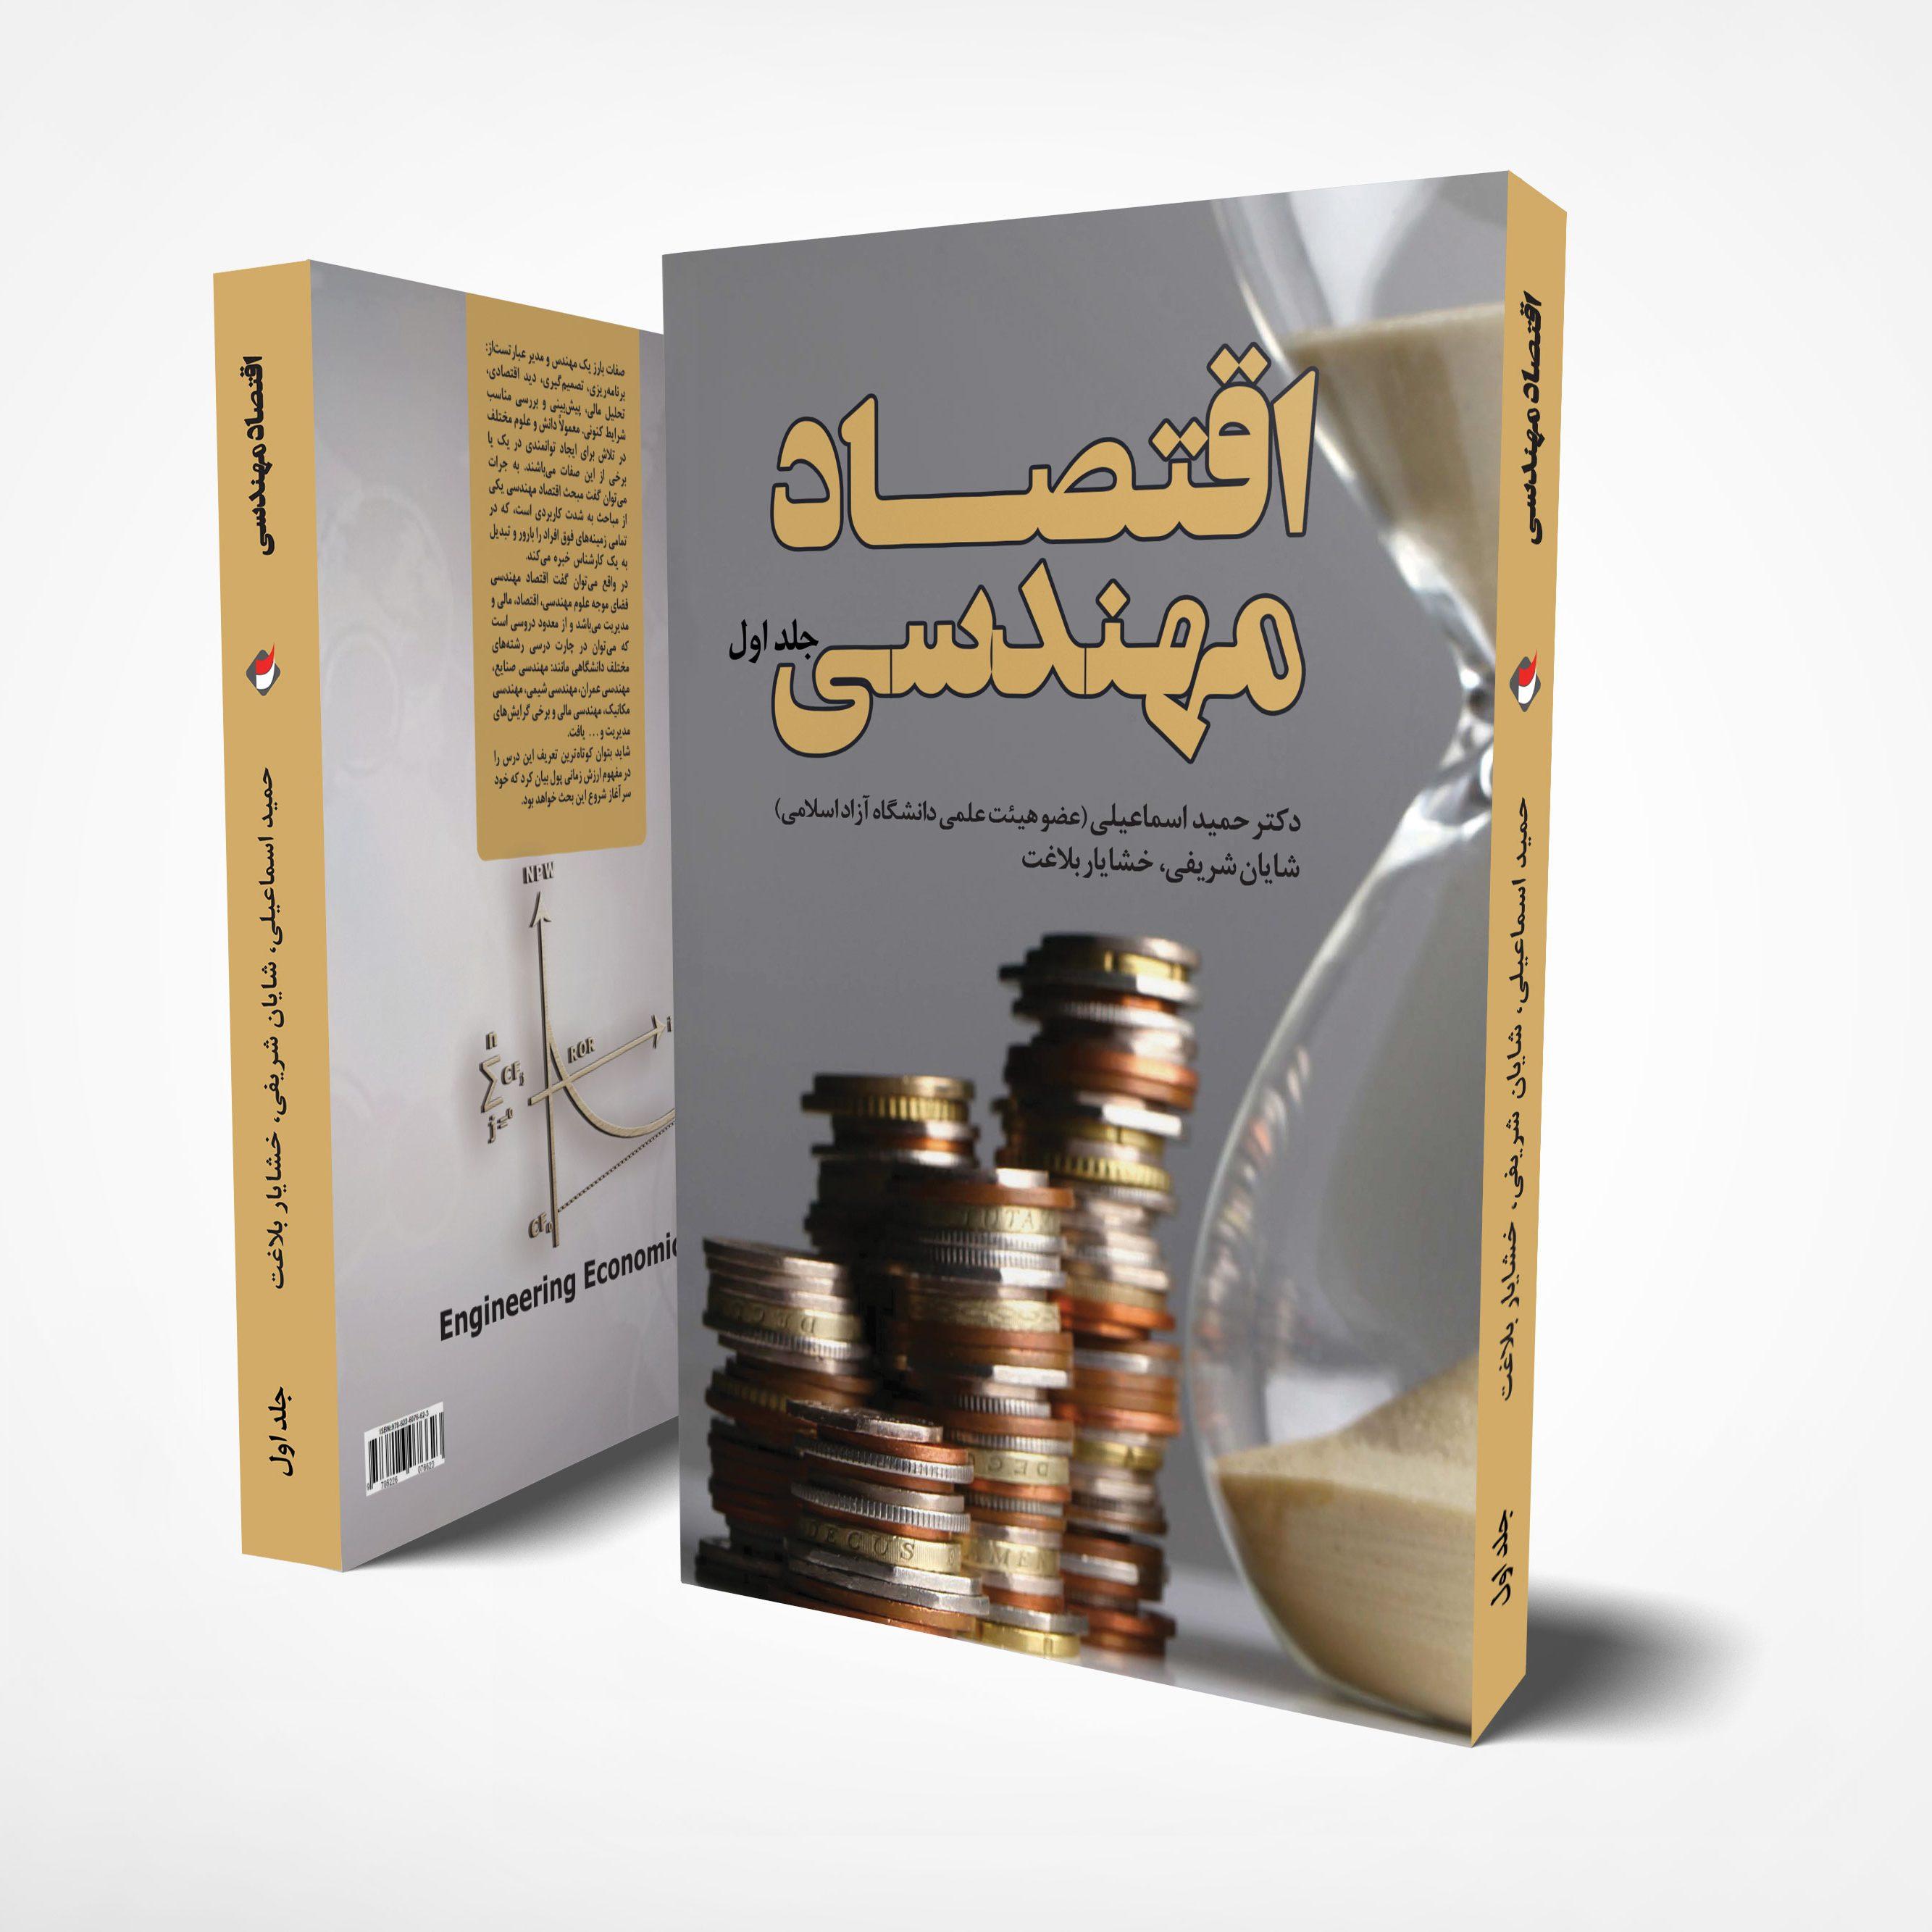 کتاب اقتصاد مهندسی